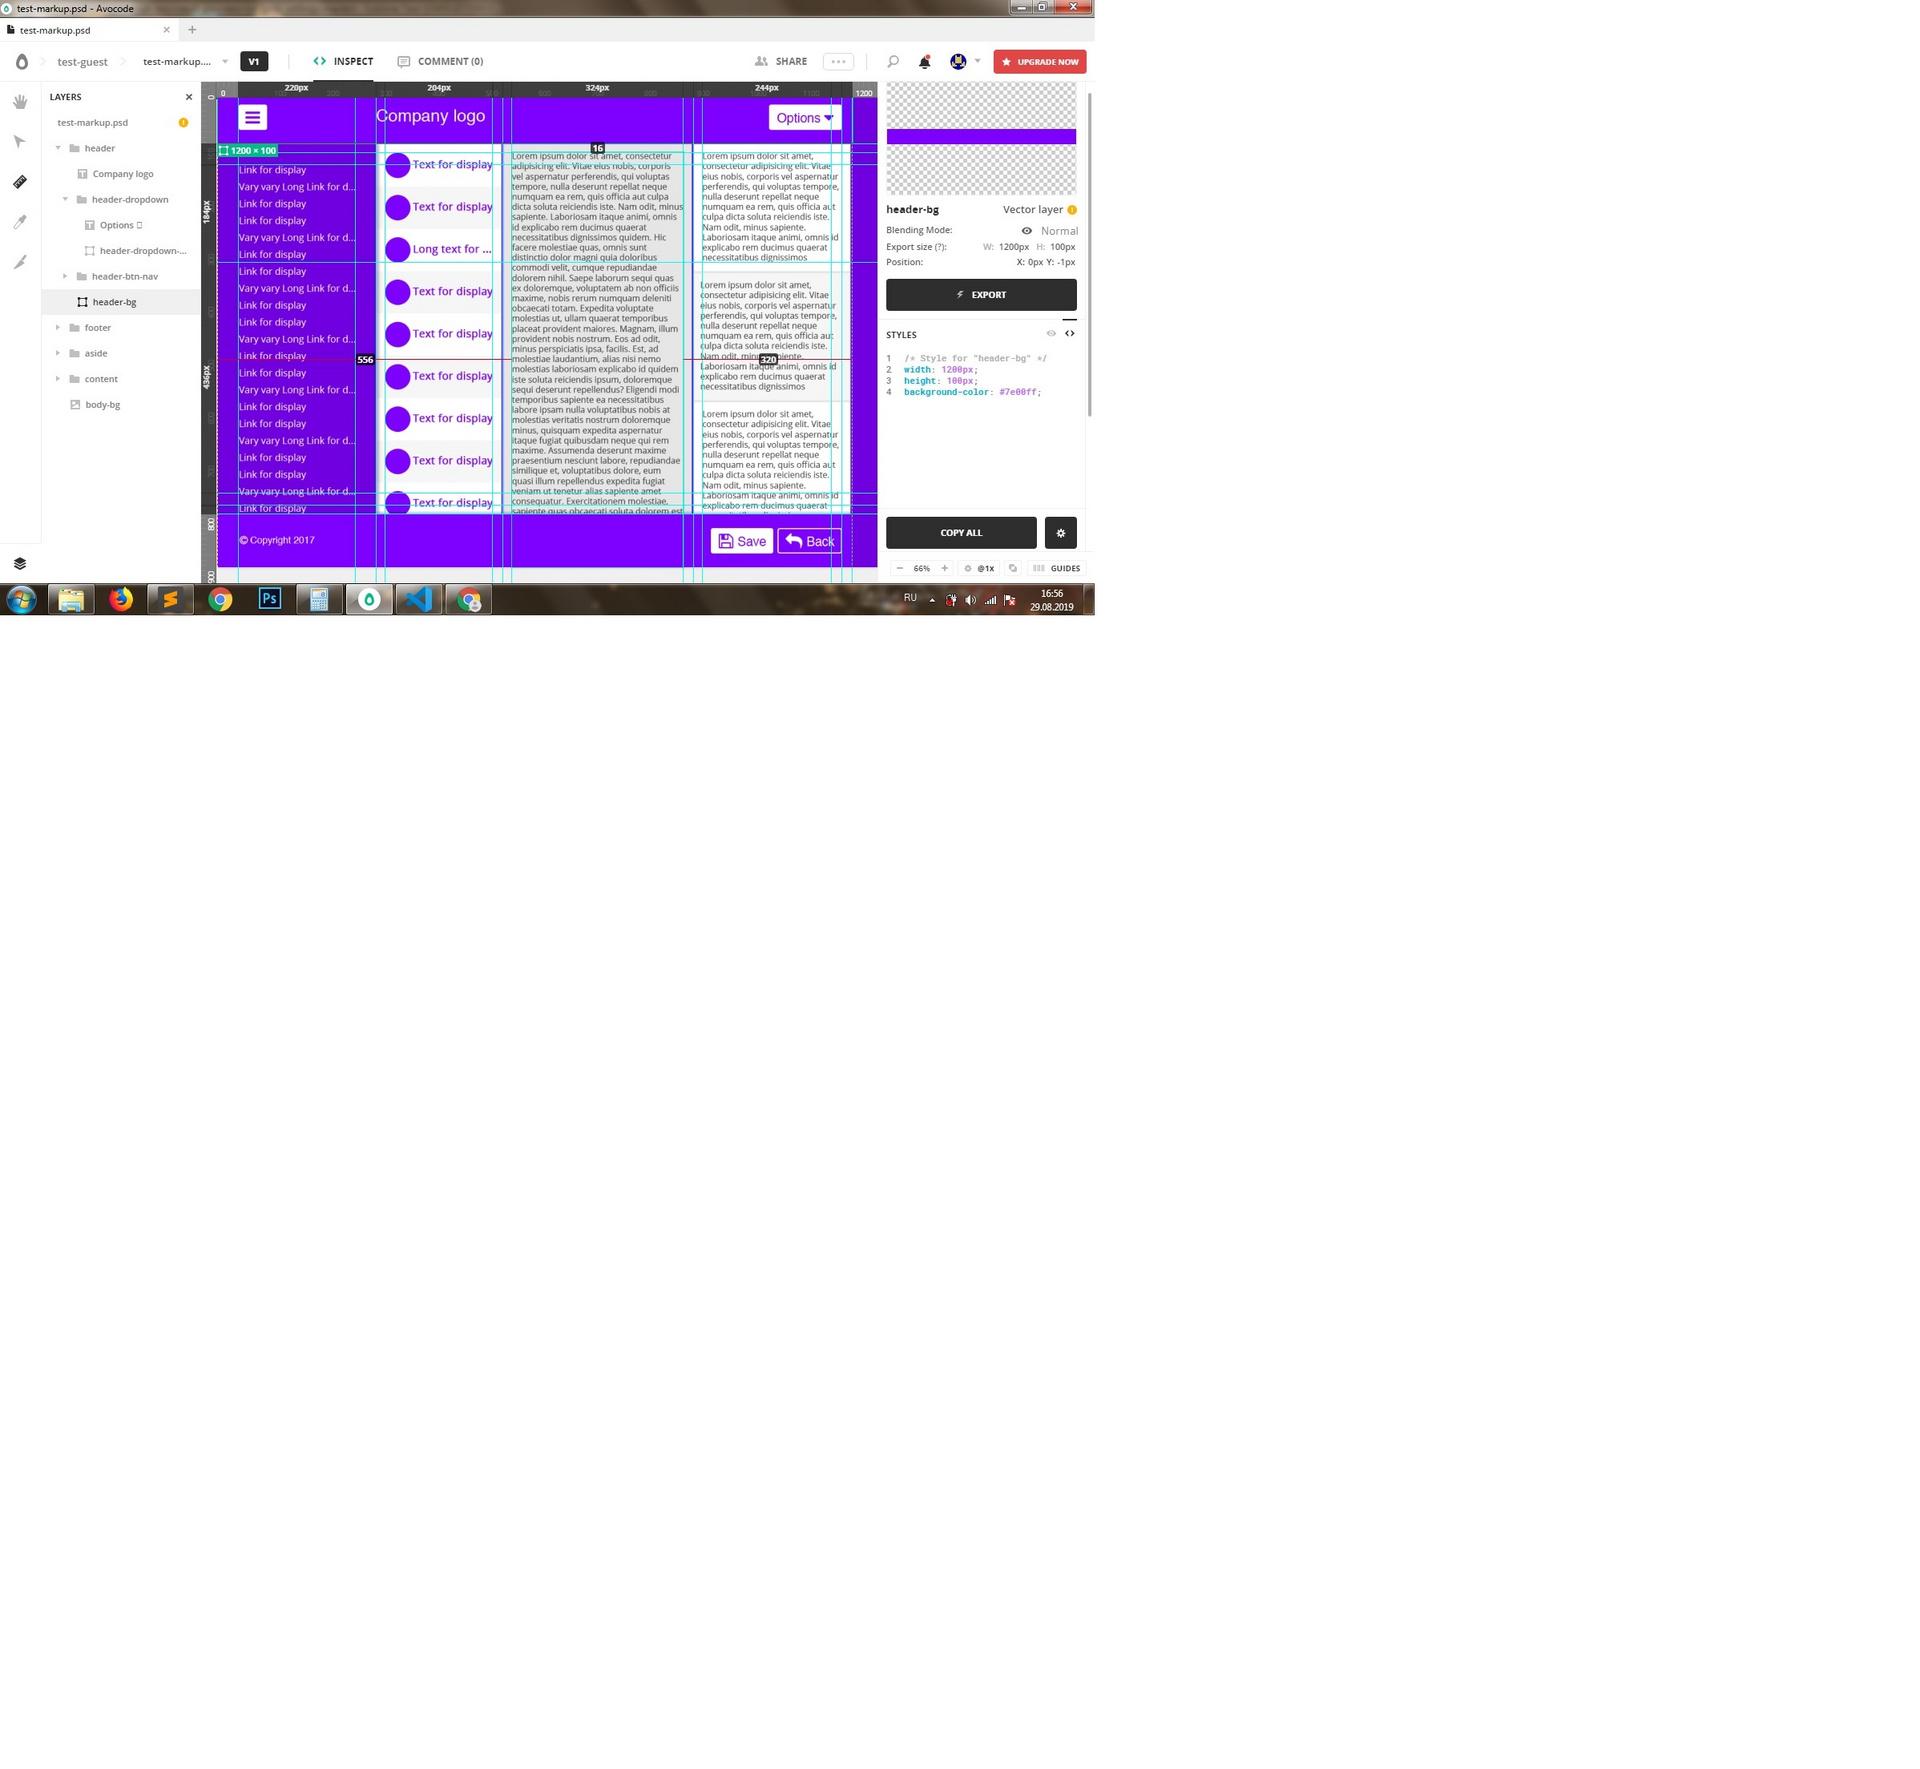 5d67dcc5207e1849042466.jpeg